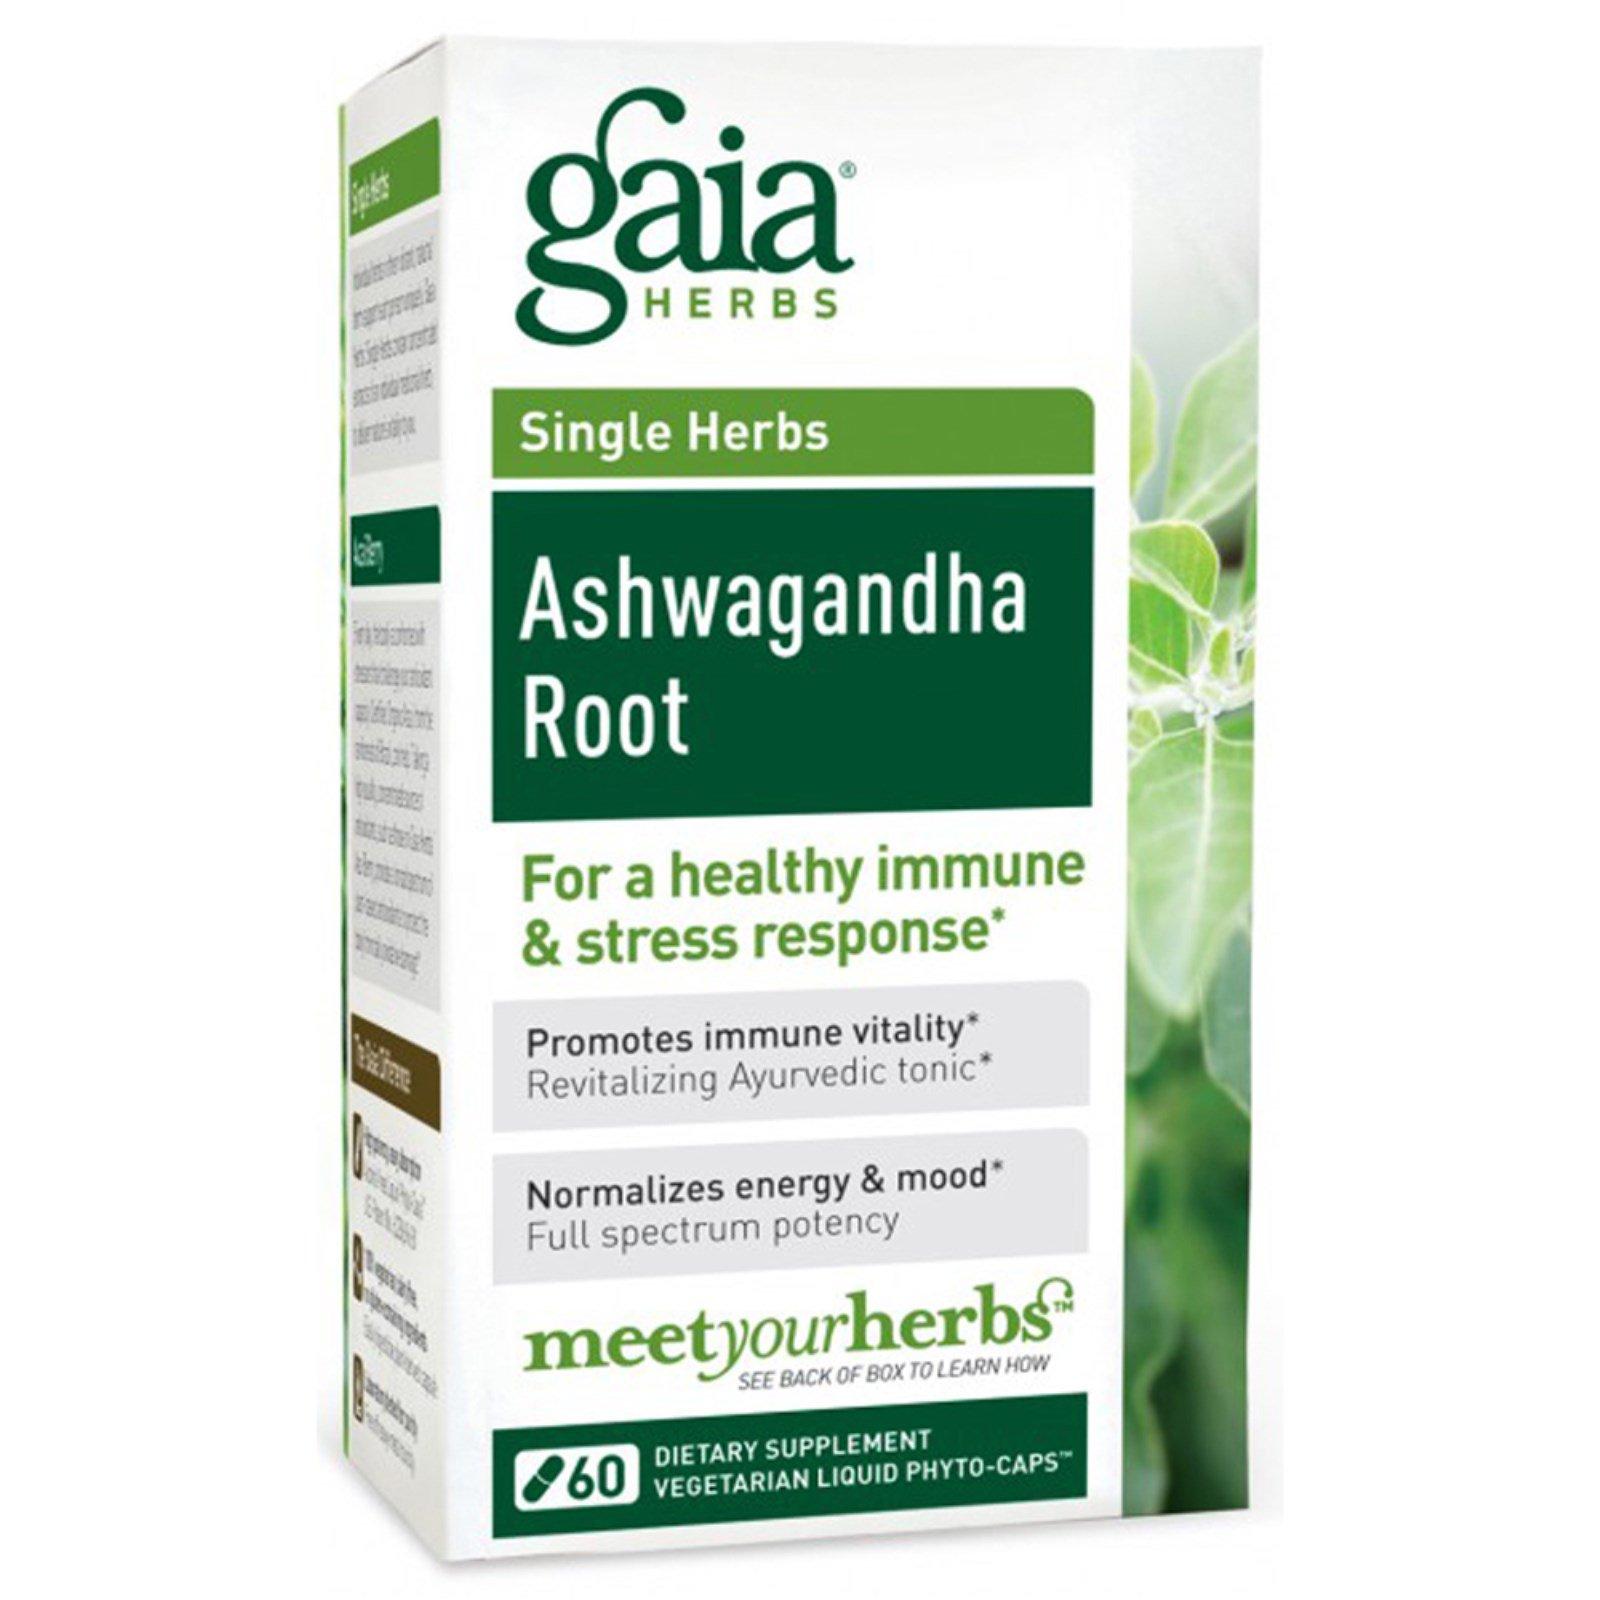 Gaia Herbs, シングルハーブ、アシュワガンダ・ルート、60ベジタリアンリキッドカプセル(腸溶性)